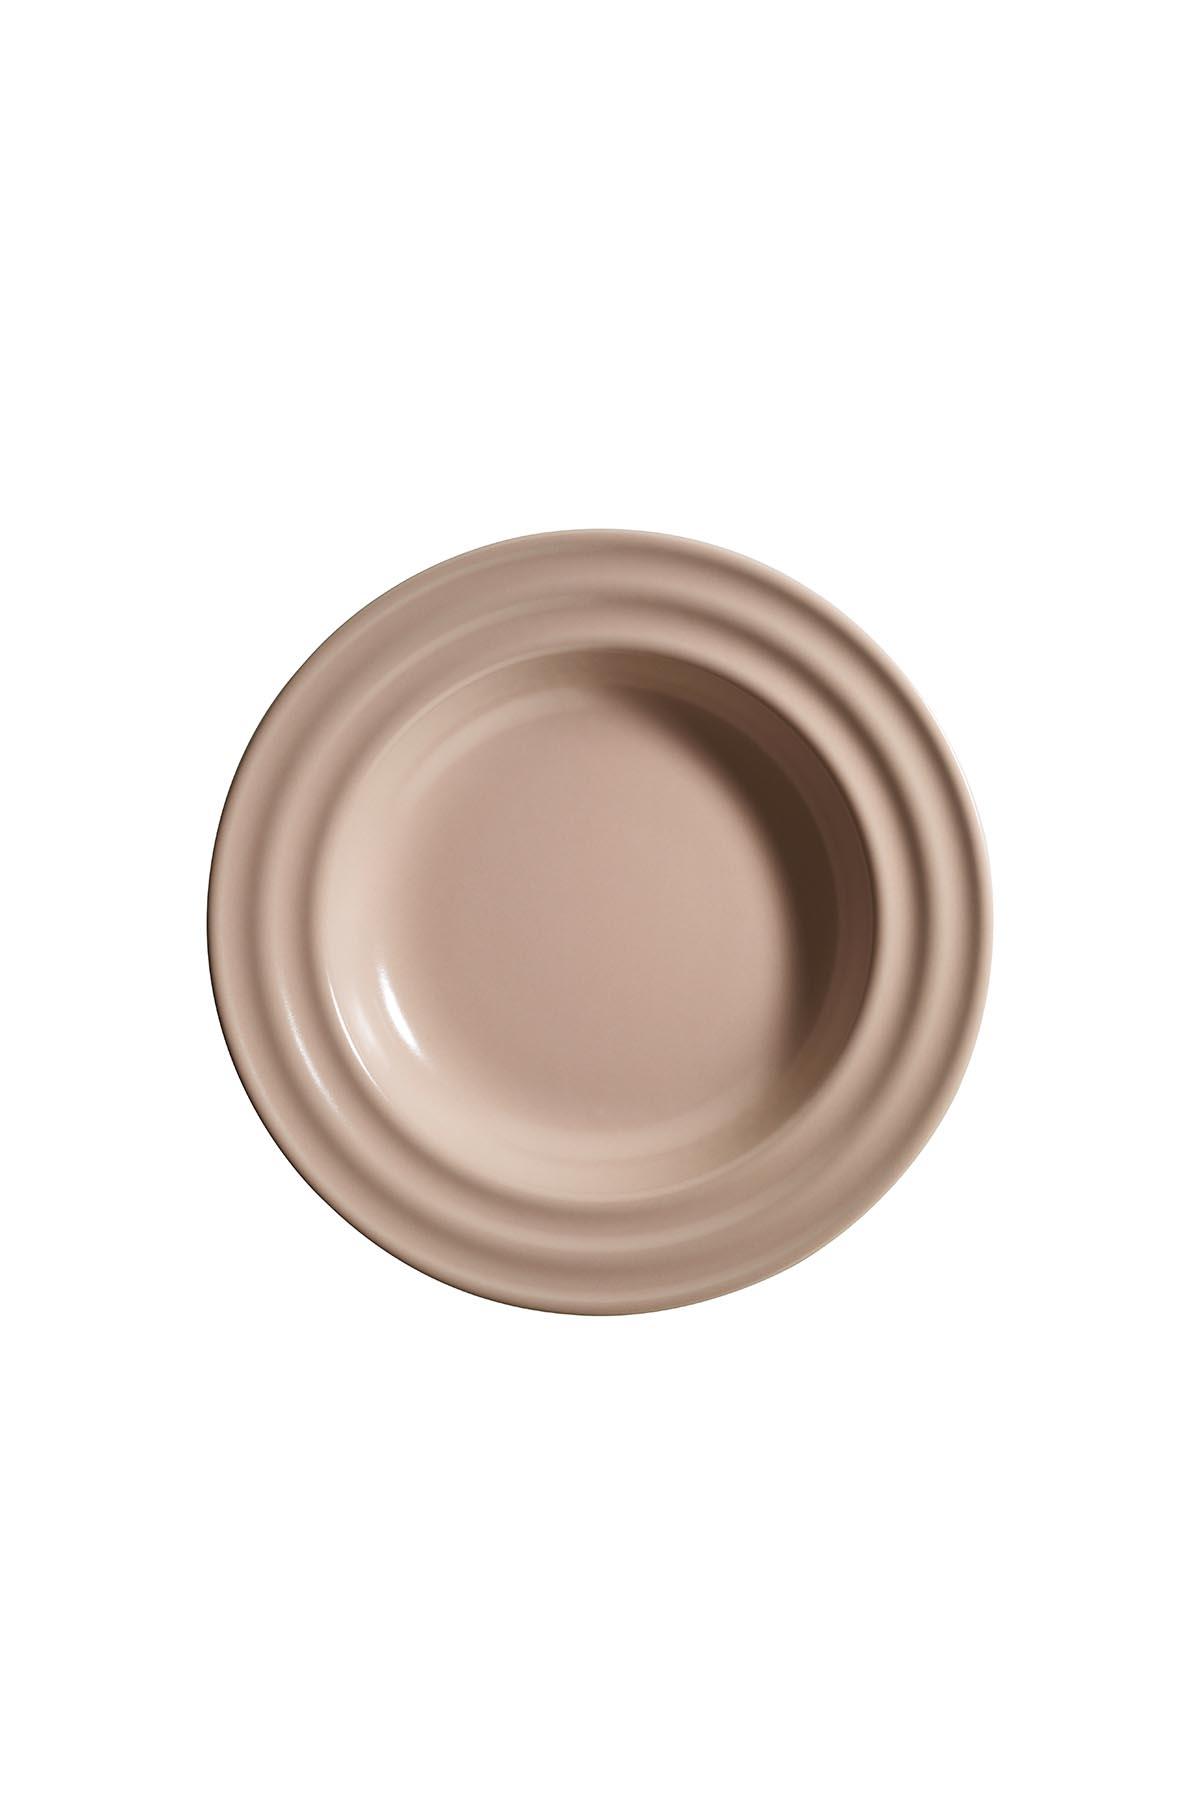 Kütahya Porselen New Tuvana 24 Parça Yemek Seti Pembe